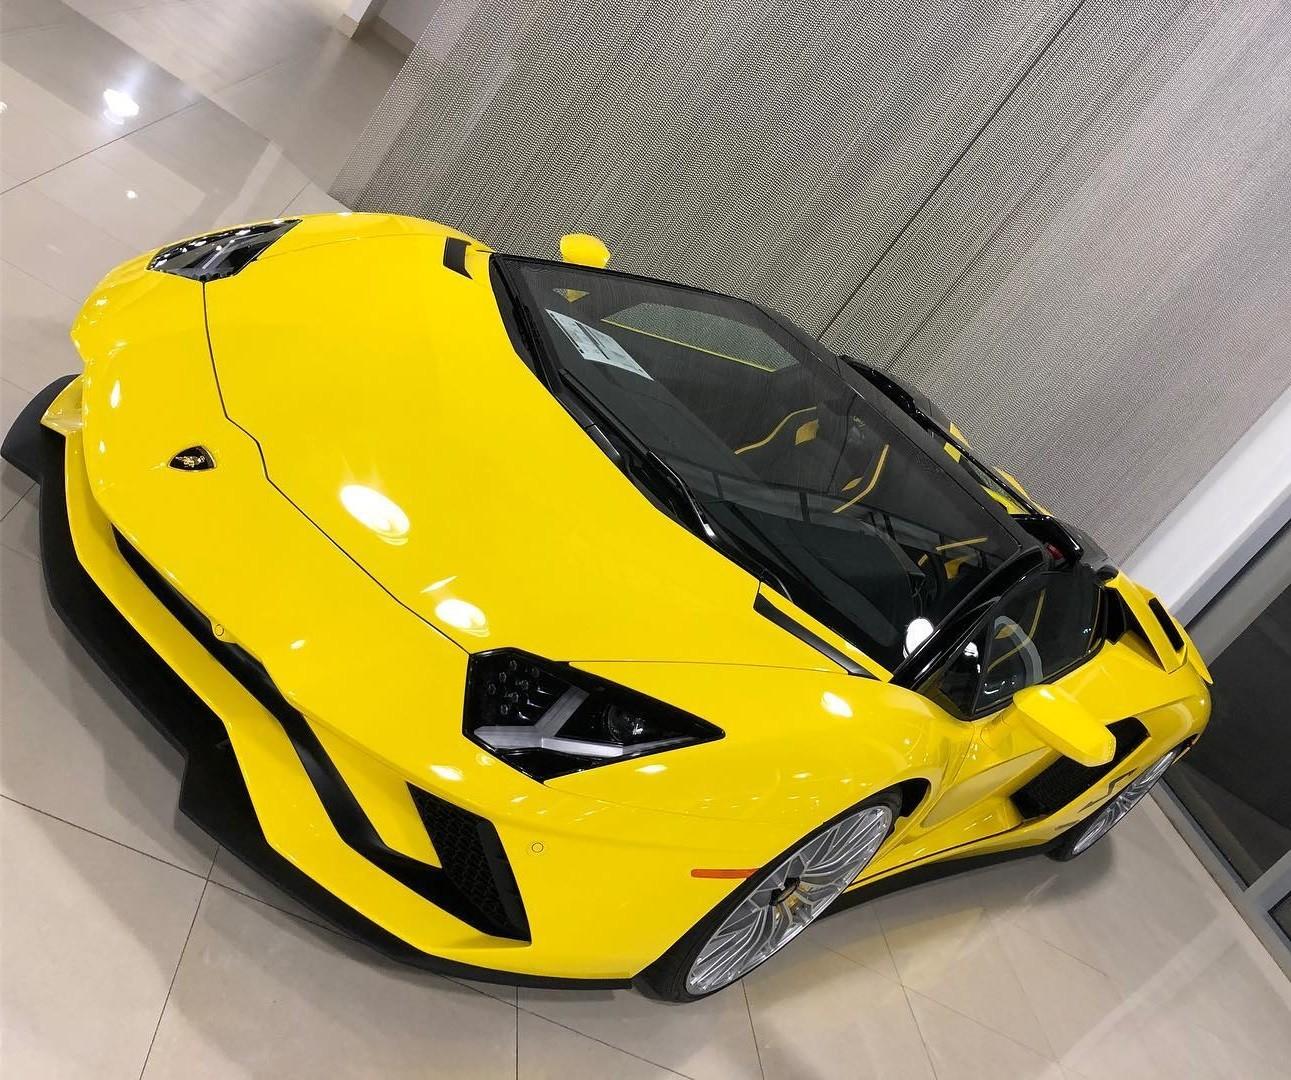 Lamborghini Aventador S chỉ là một trong số những chiếc siêu xe của 50 Cent